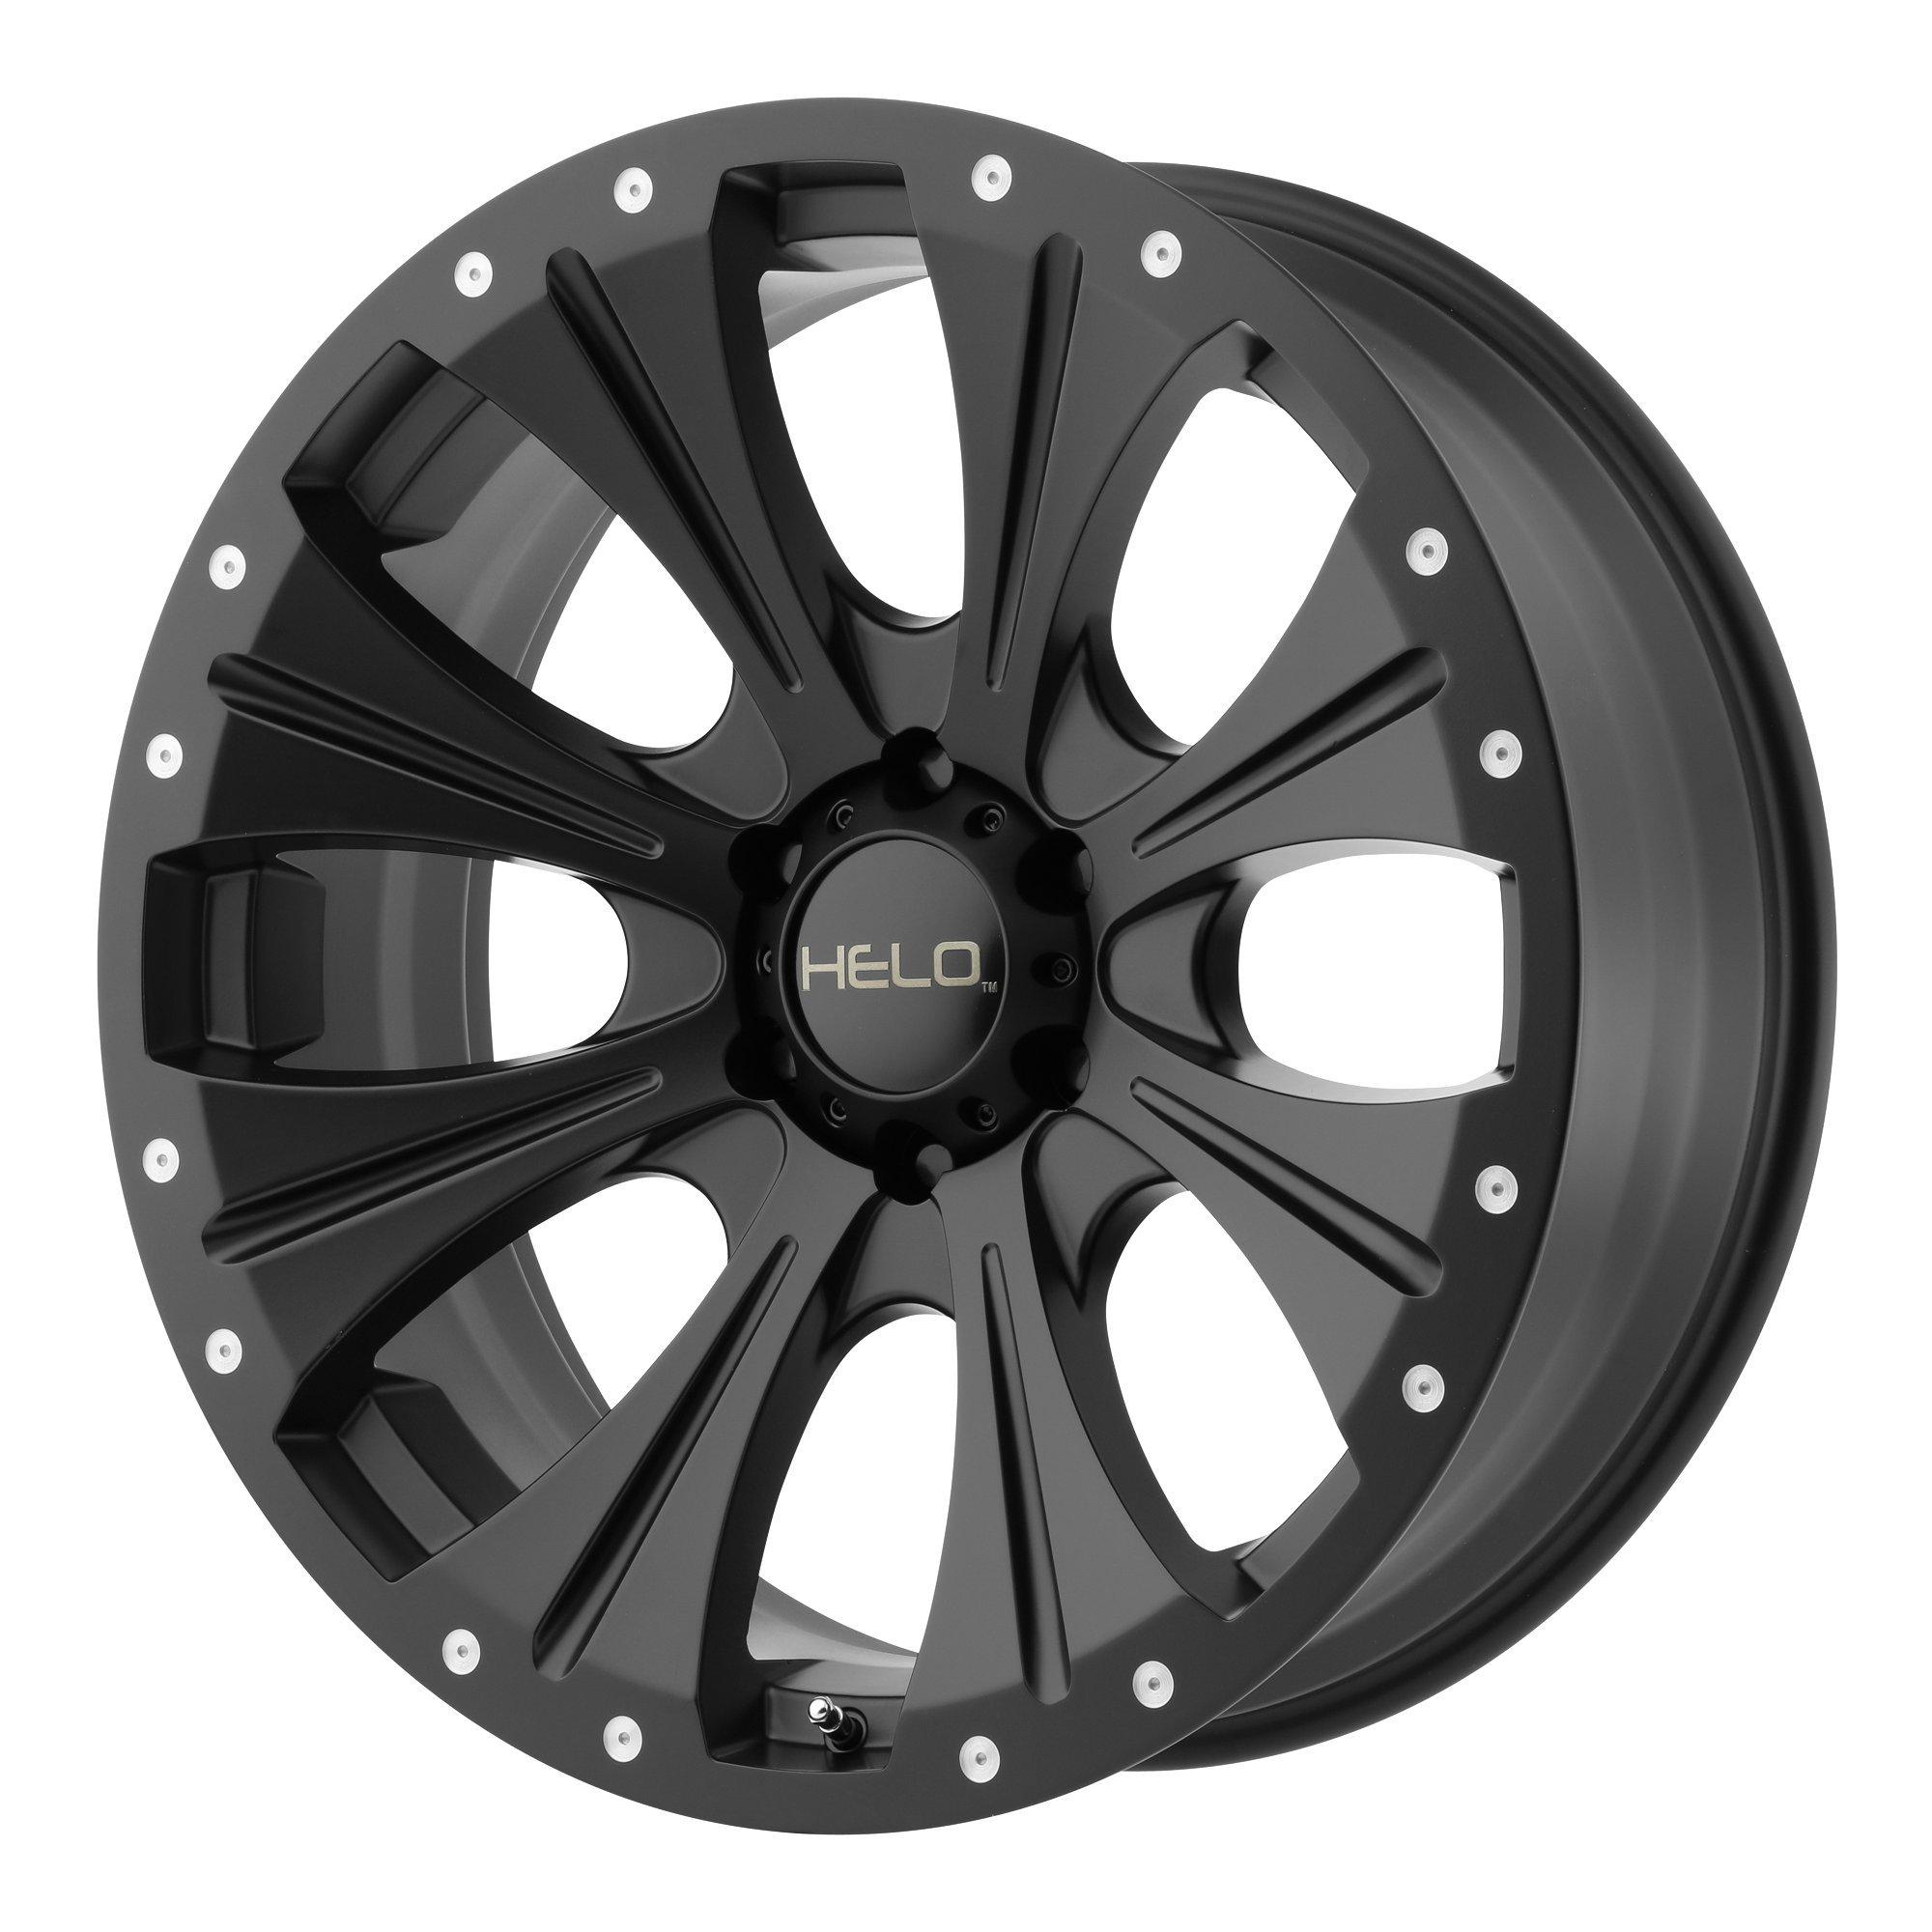 HELO HE901 SATIN BLACK HE901 18x9 5x139.70 SATIN BLACK (18 mm)